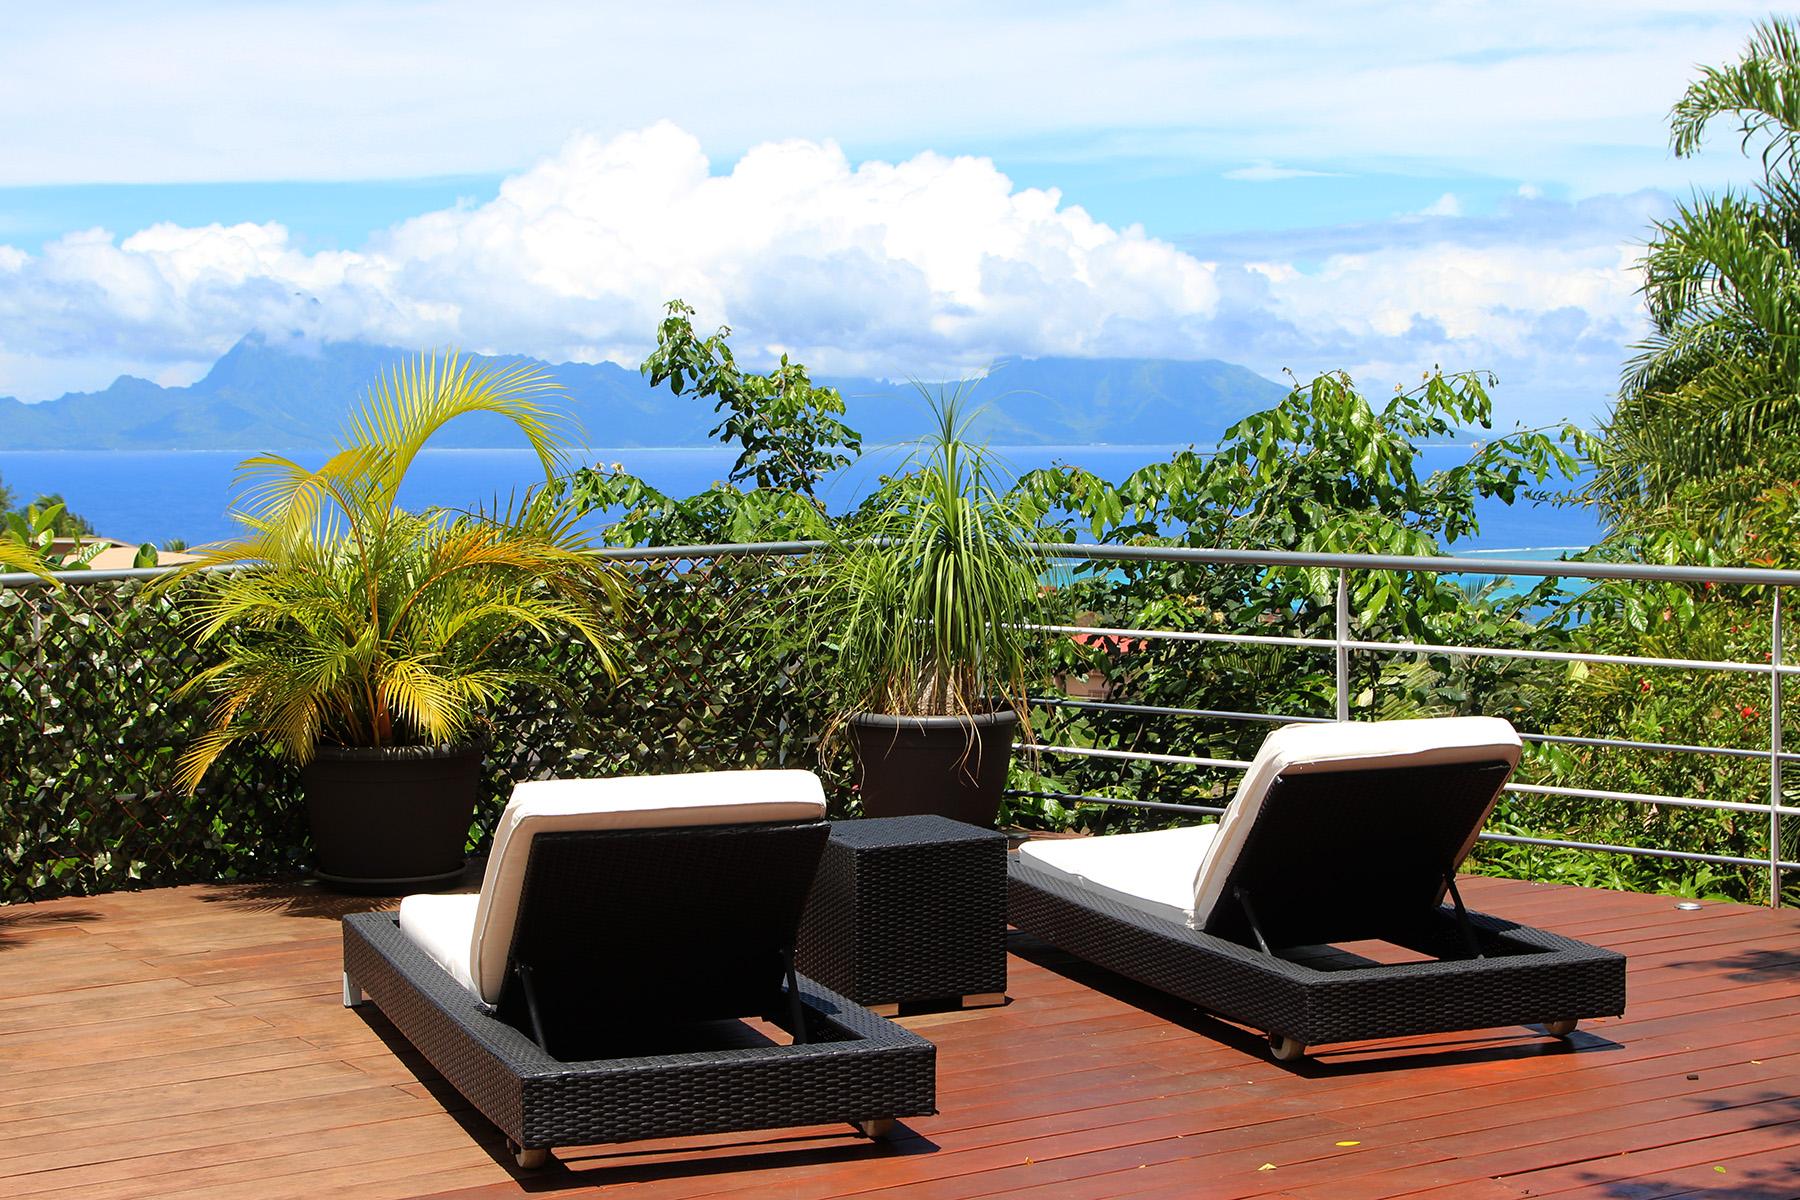 Частный односемейный дом для того Продажа на Modern home with a view Tahiti, French Polynesia